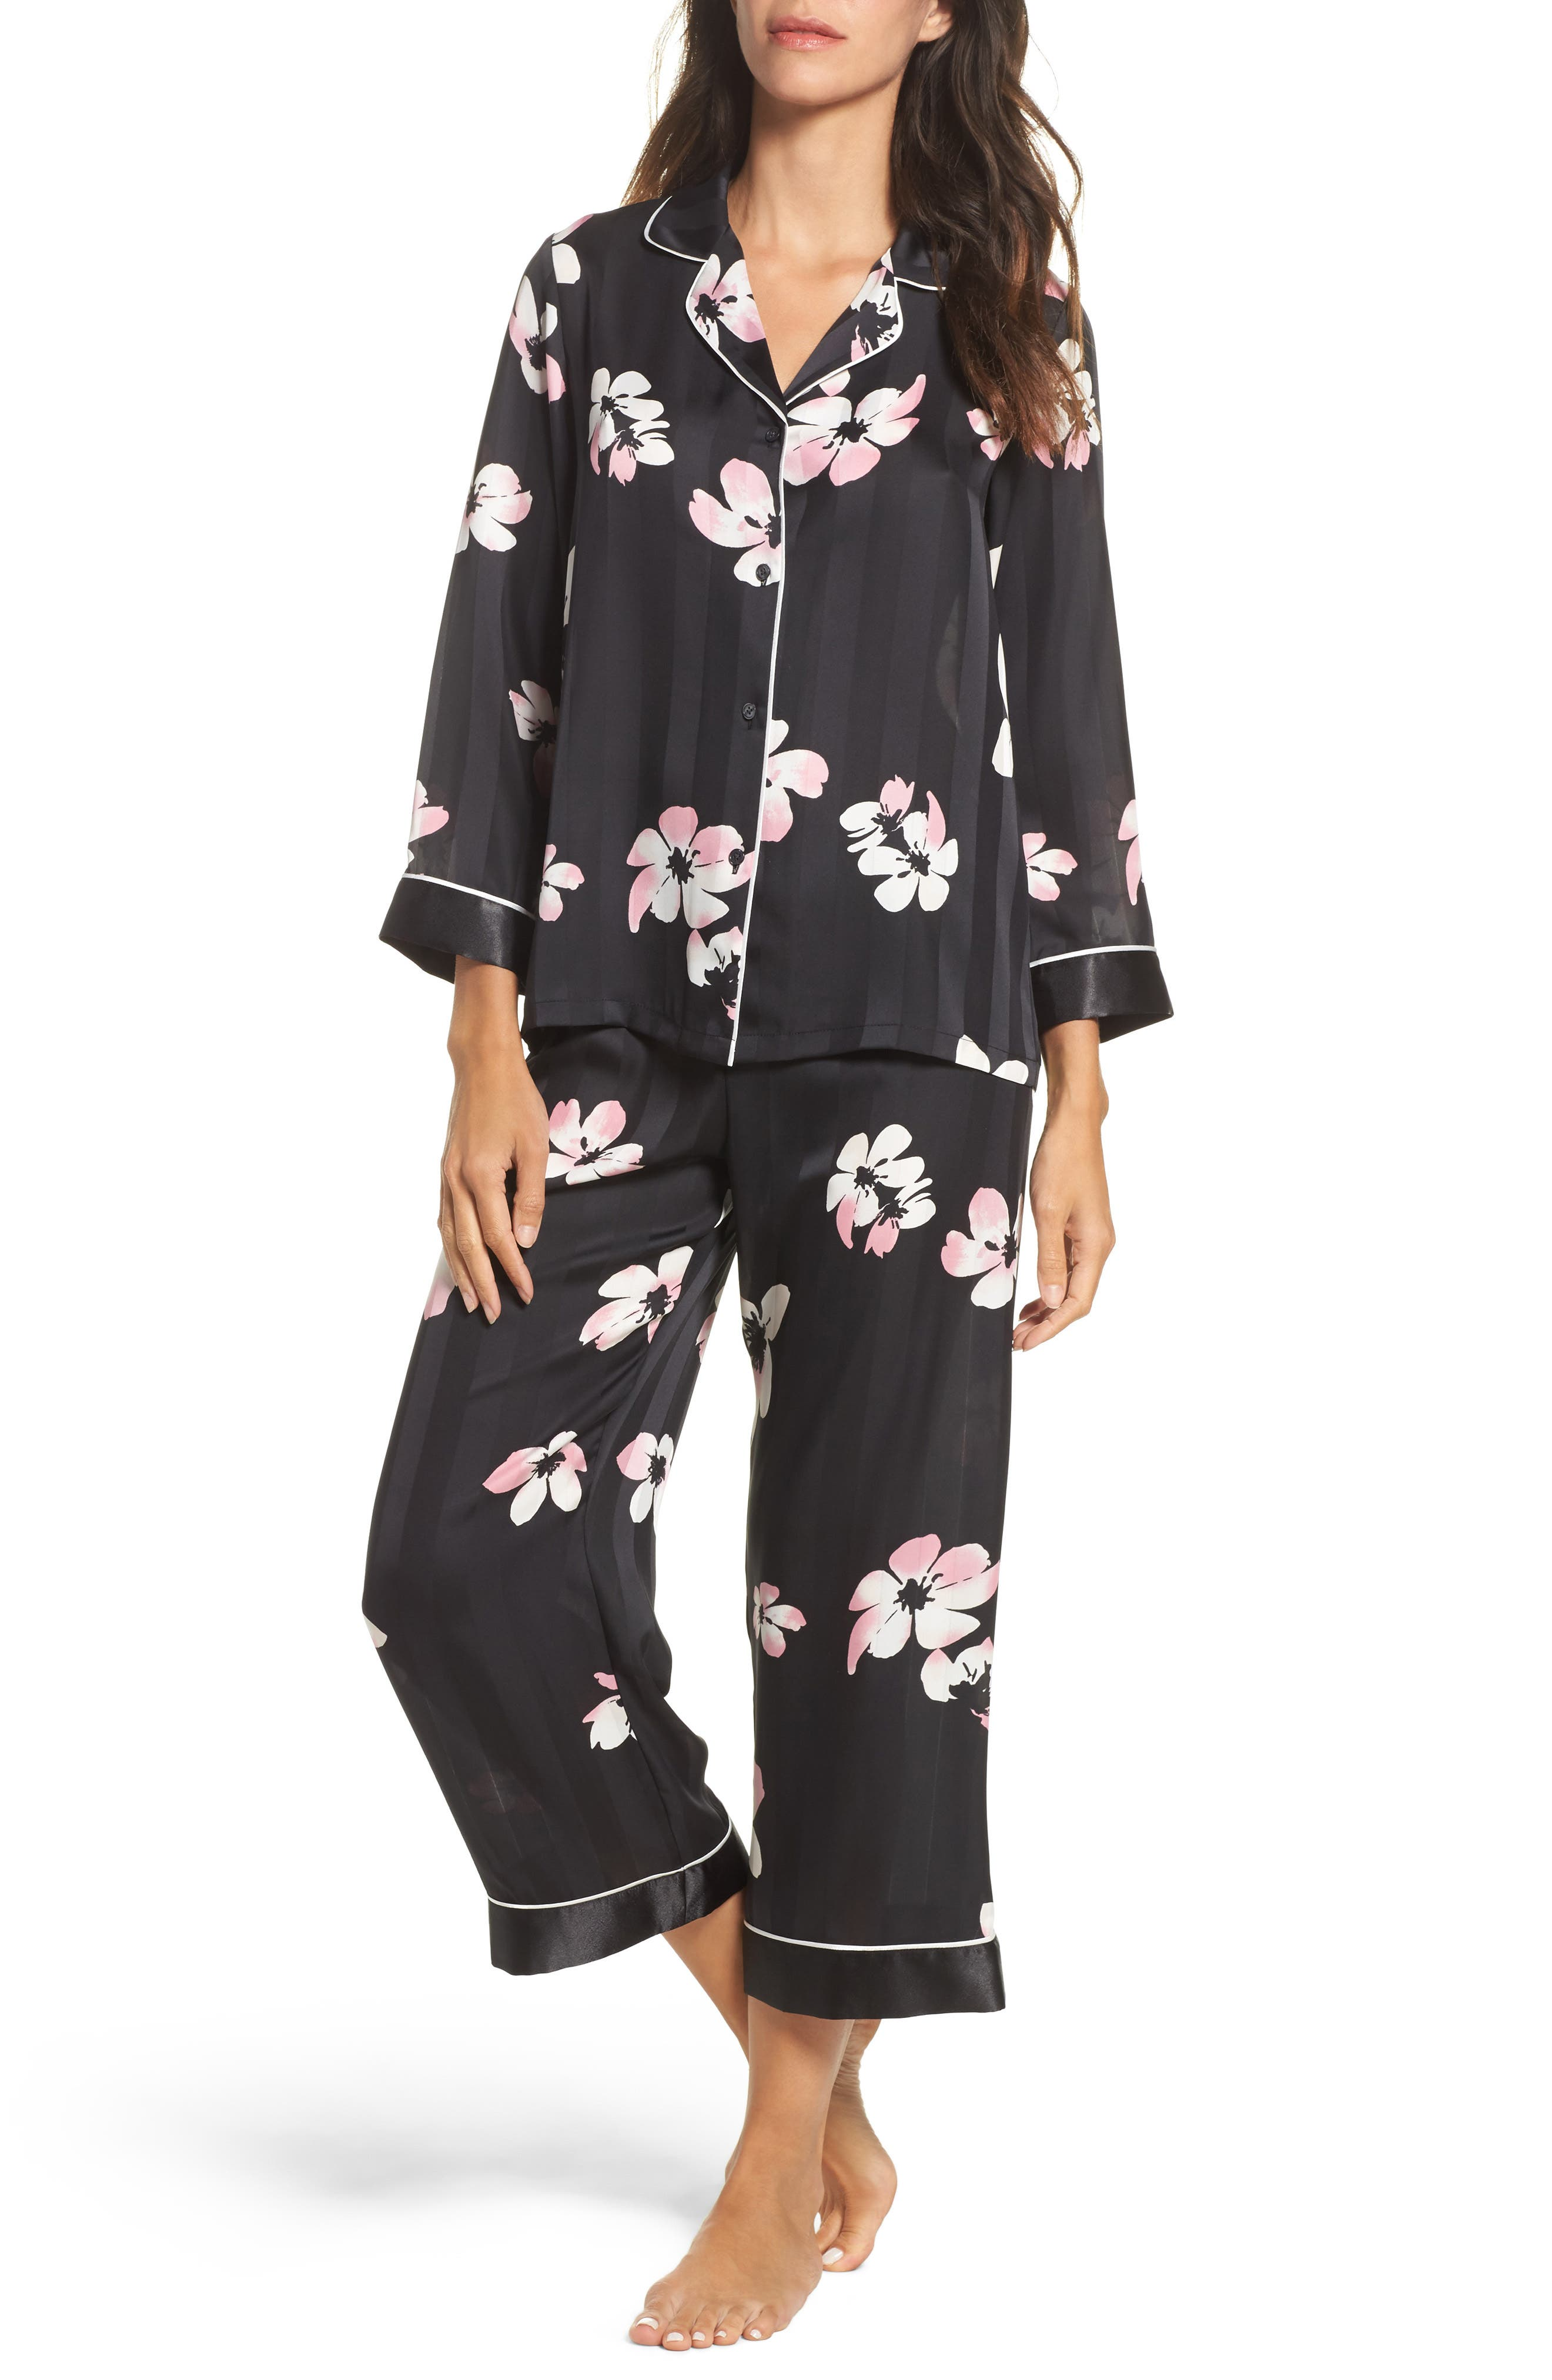 Oscar de la Renta Sleepwear Pajamas